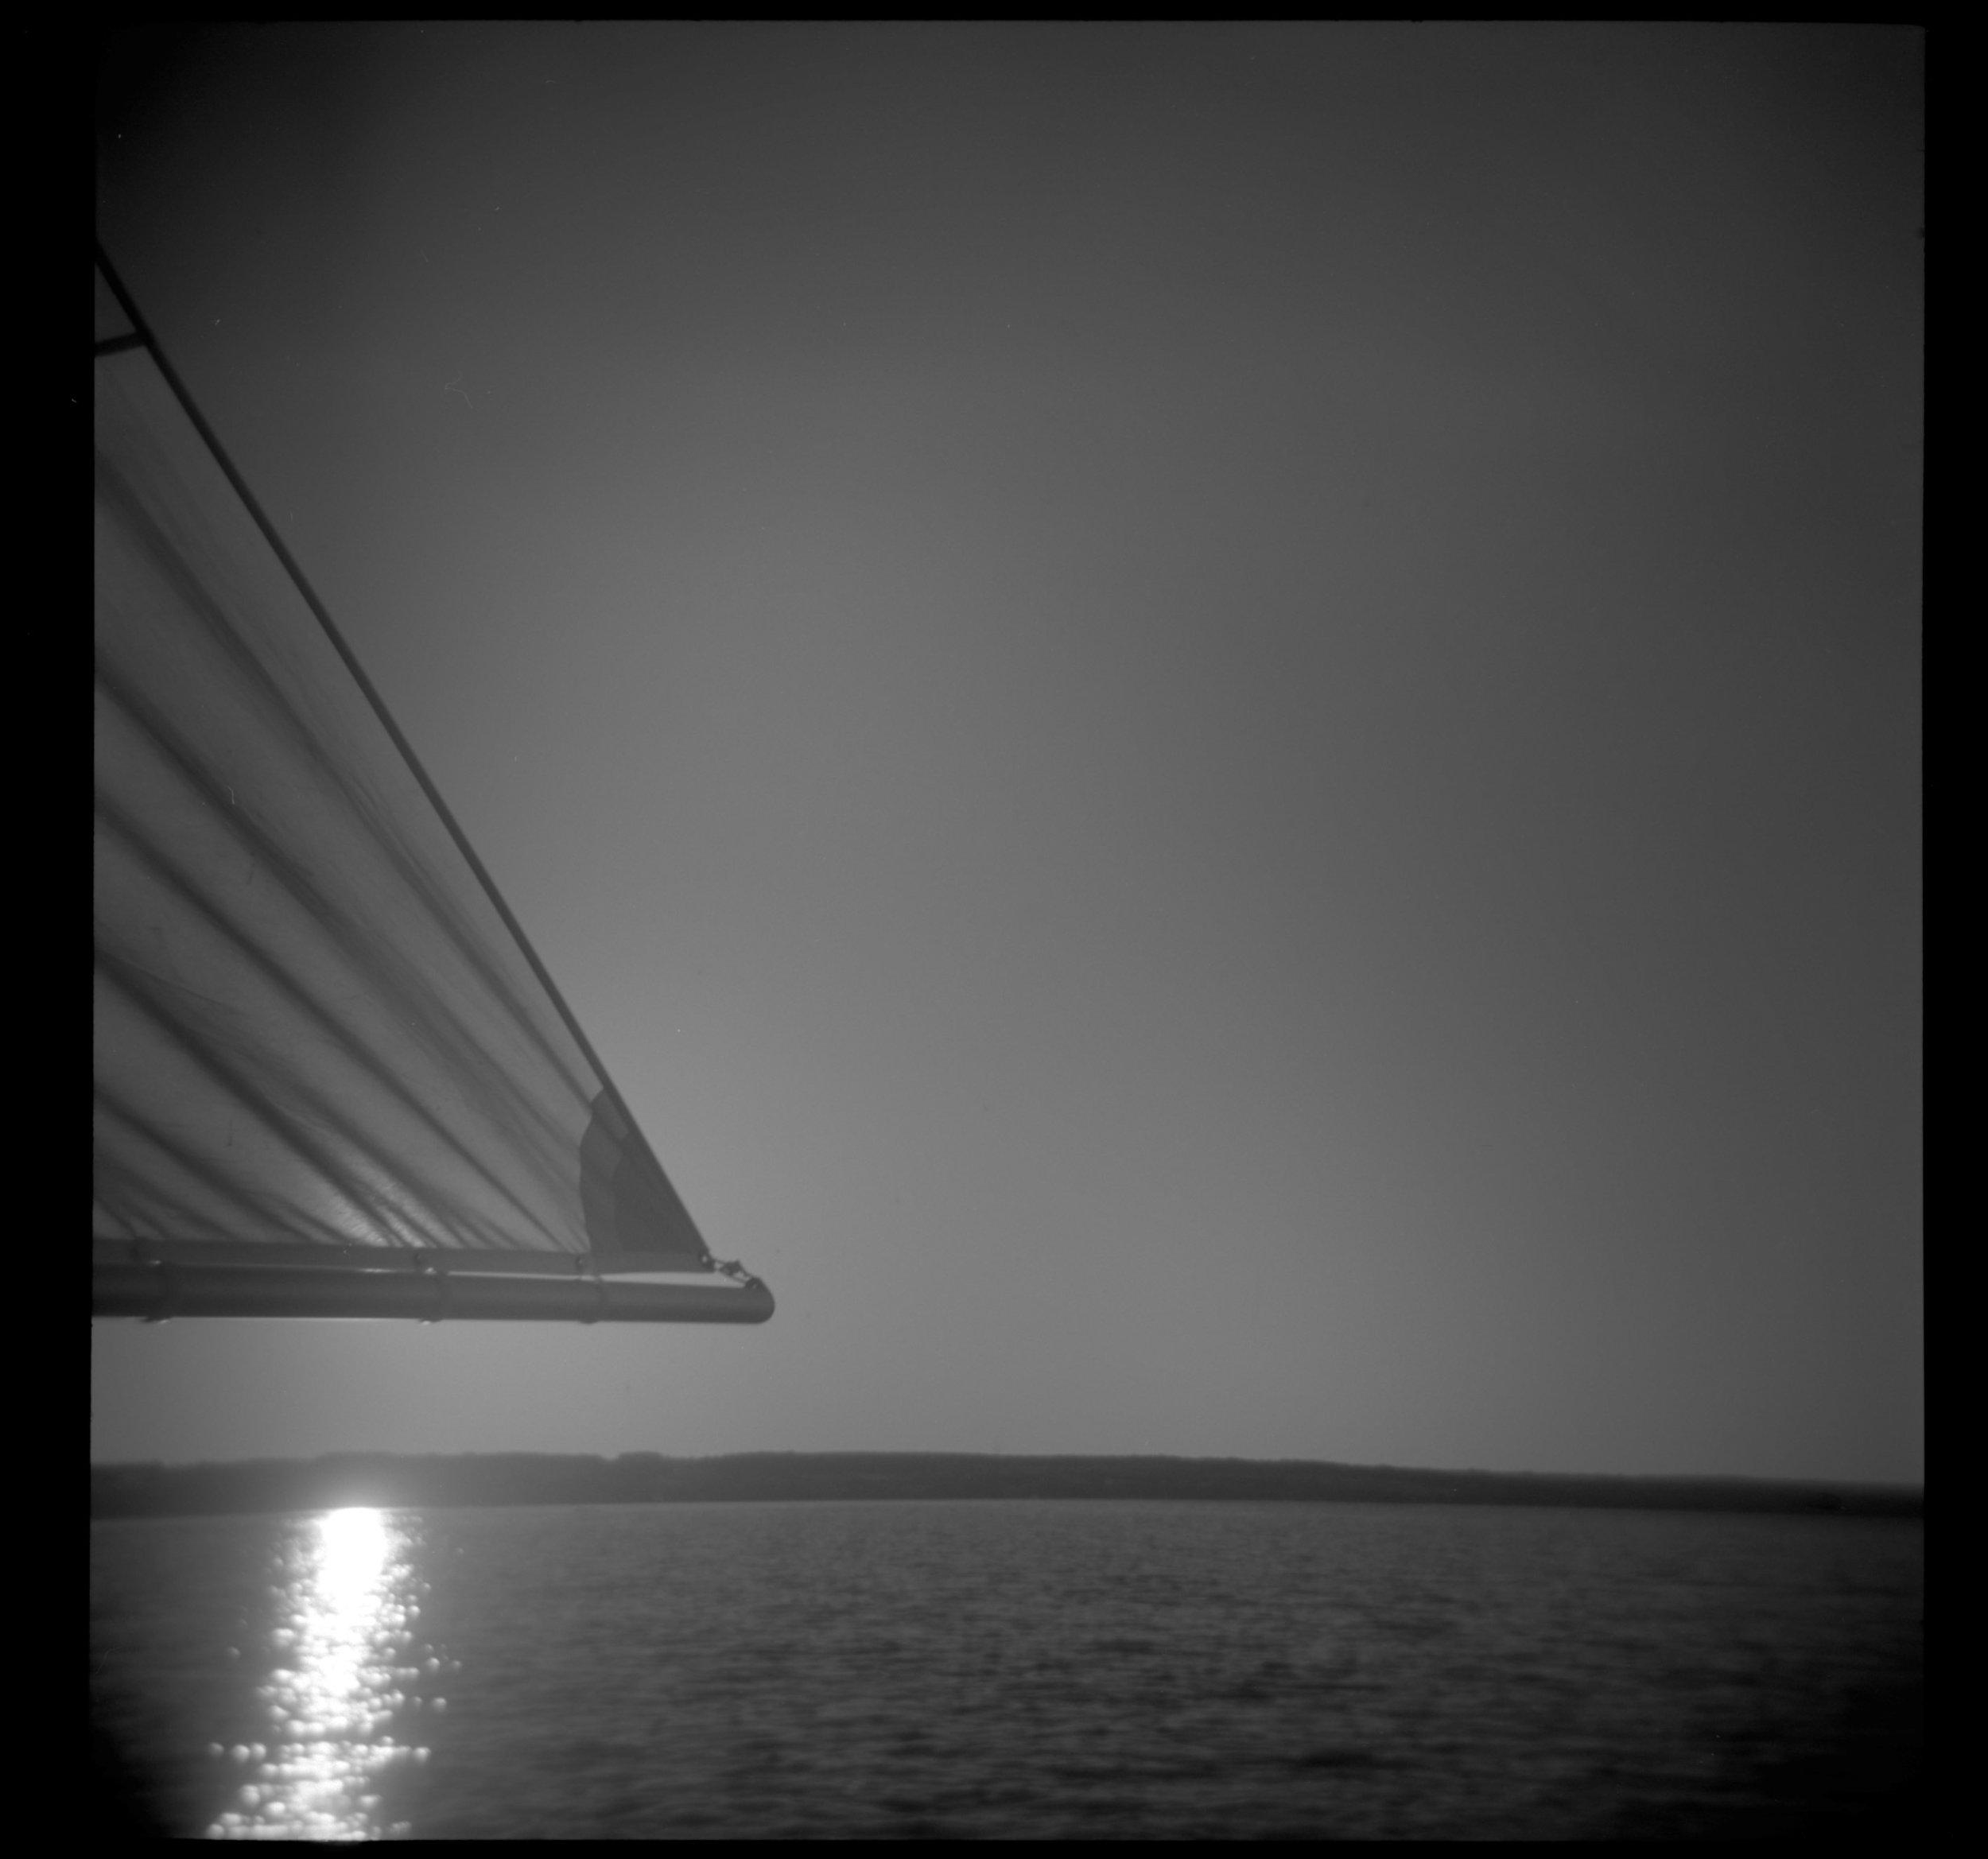 Grey Sail